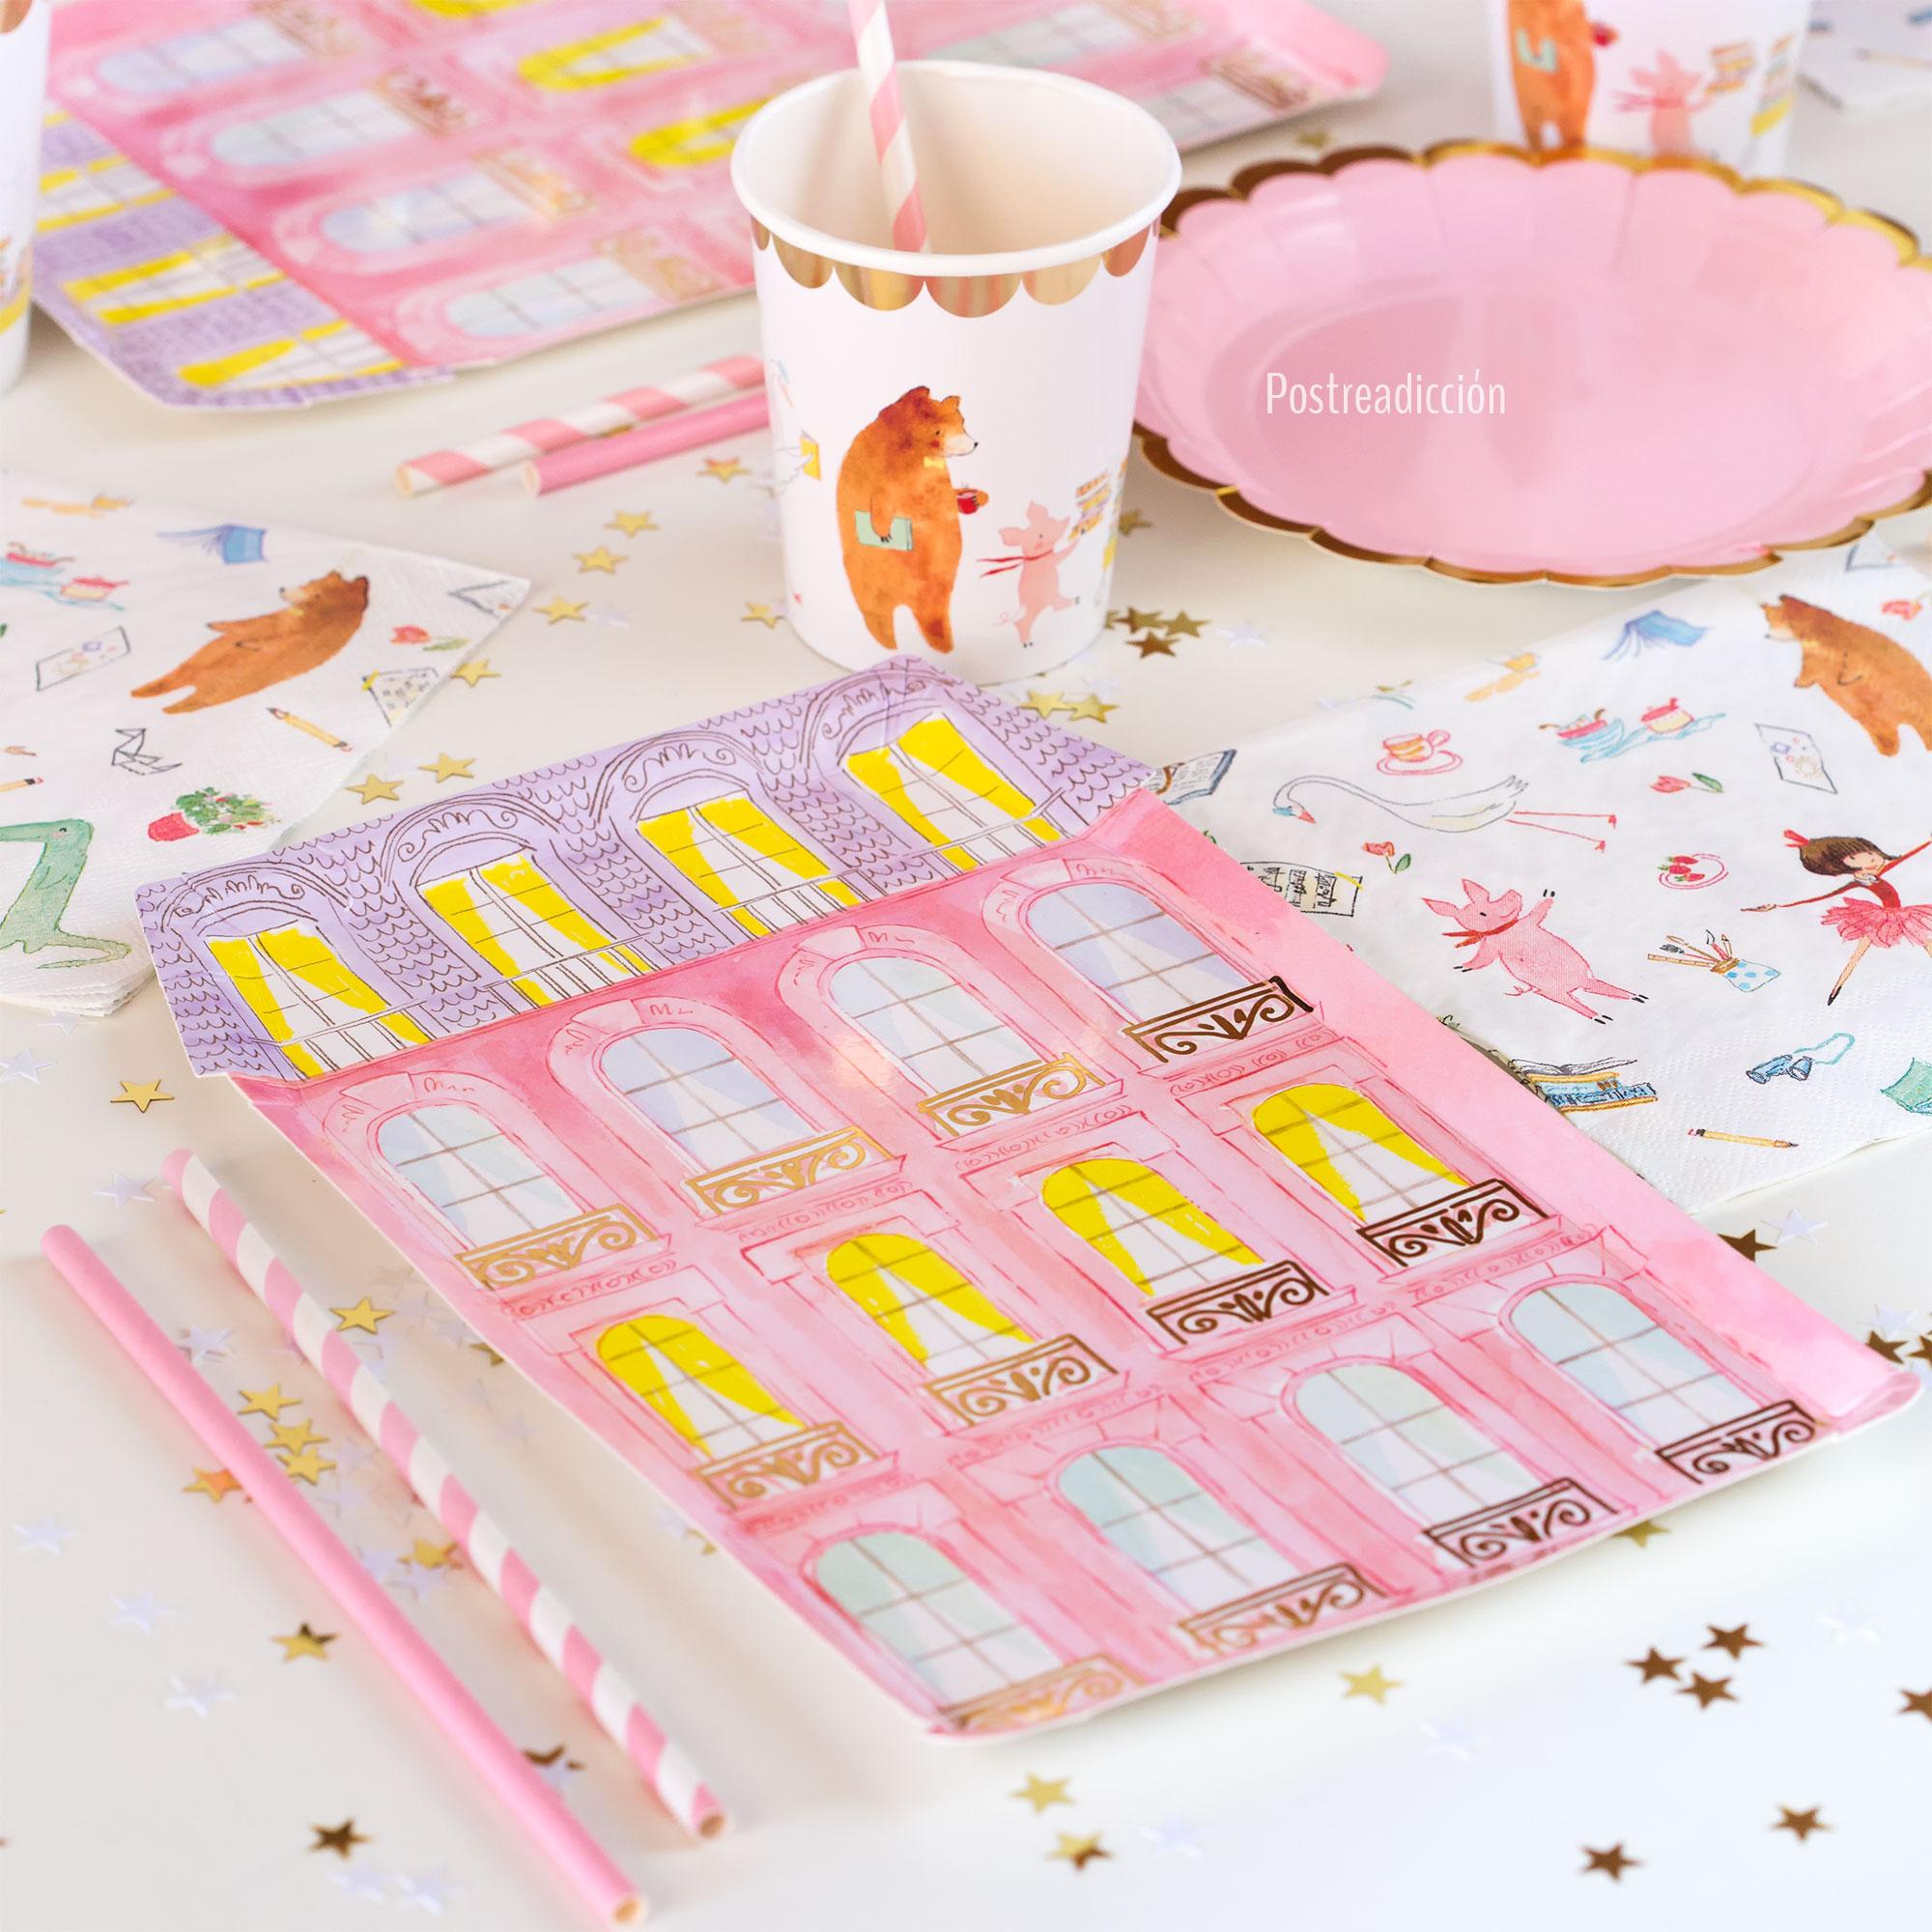 Imagen de producto: https://tienda.postreadiccion.com/img/articulos/secundarias12918-6-platitos-rosas-y-dorados-9.jpg